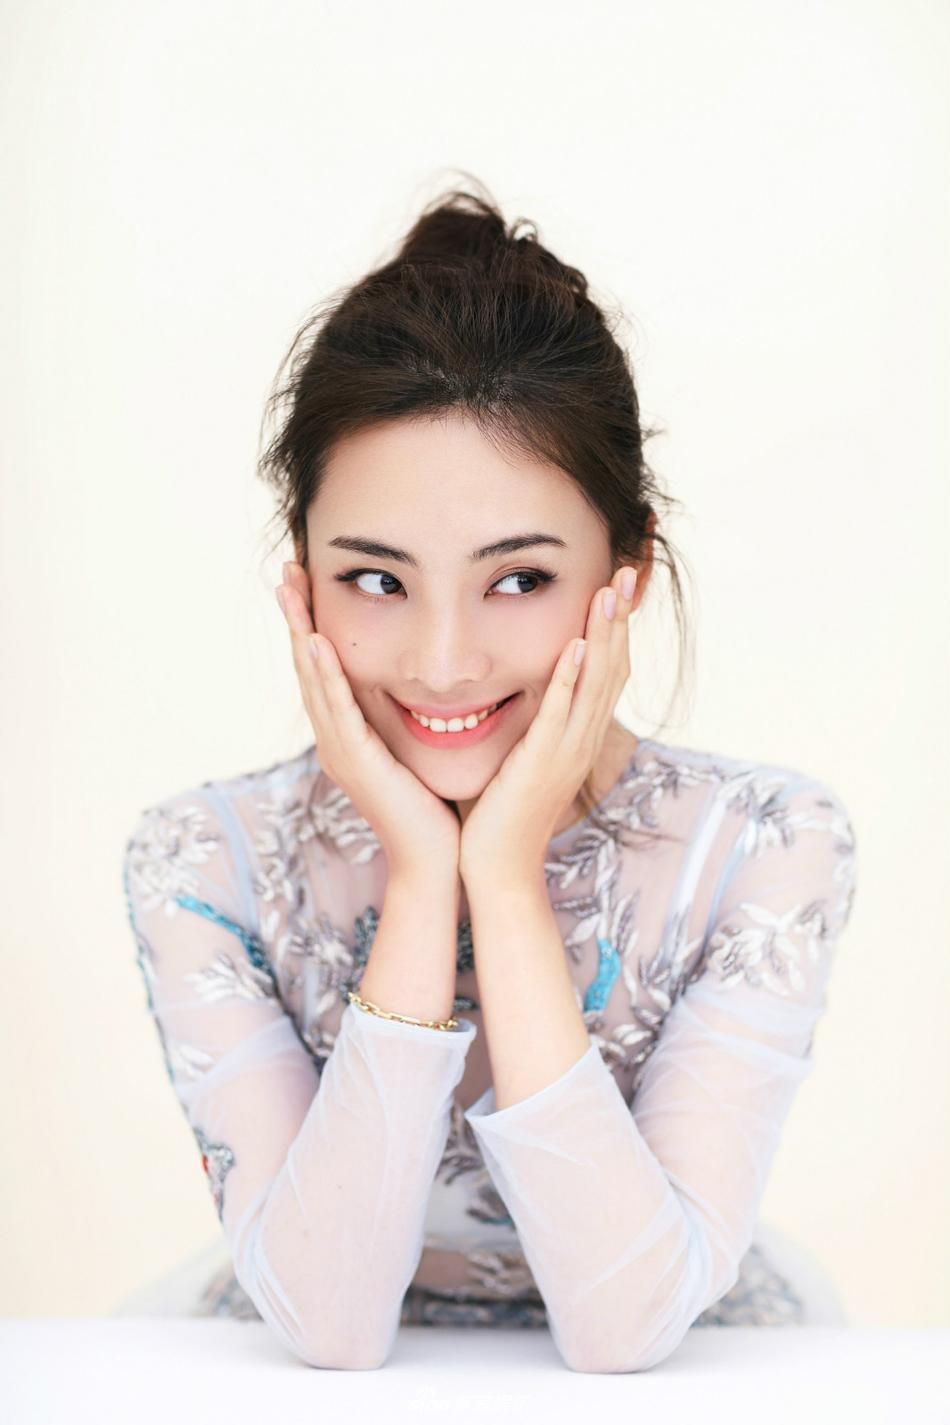 《绝密543》陈维涵曝清新写真 白裙造型优雅迷人